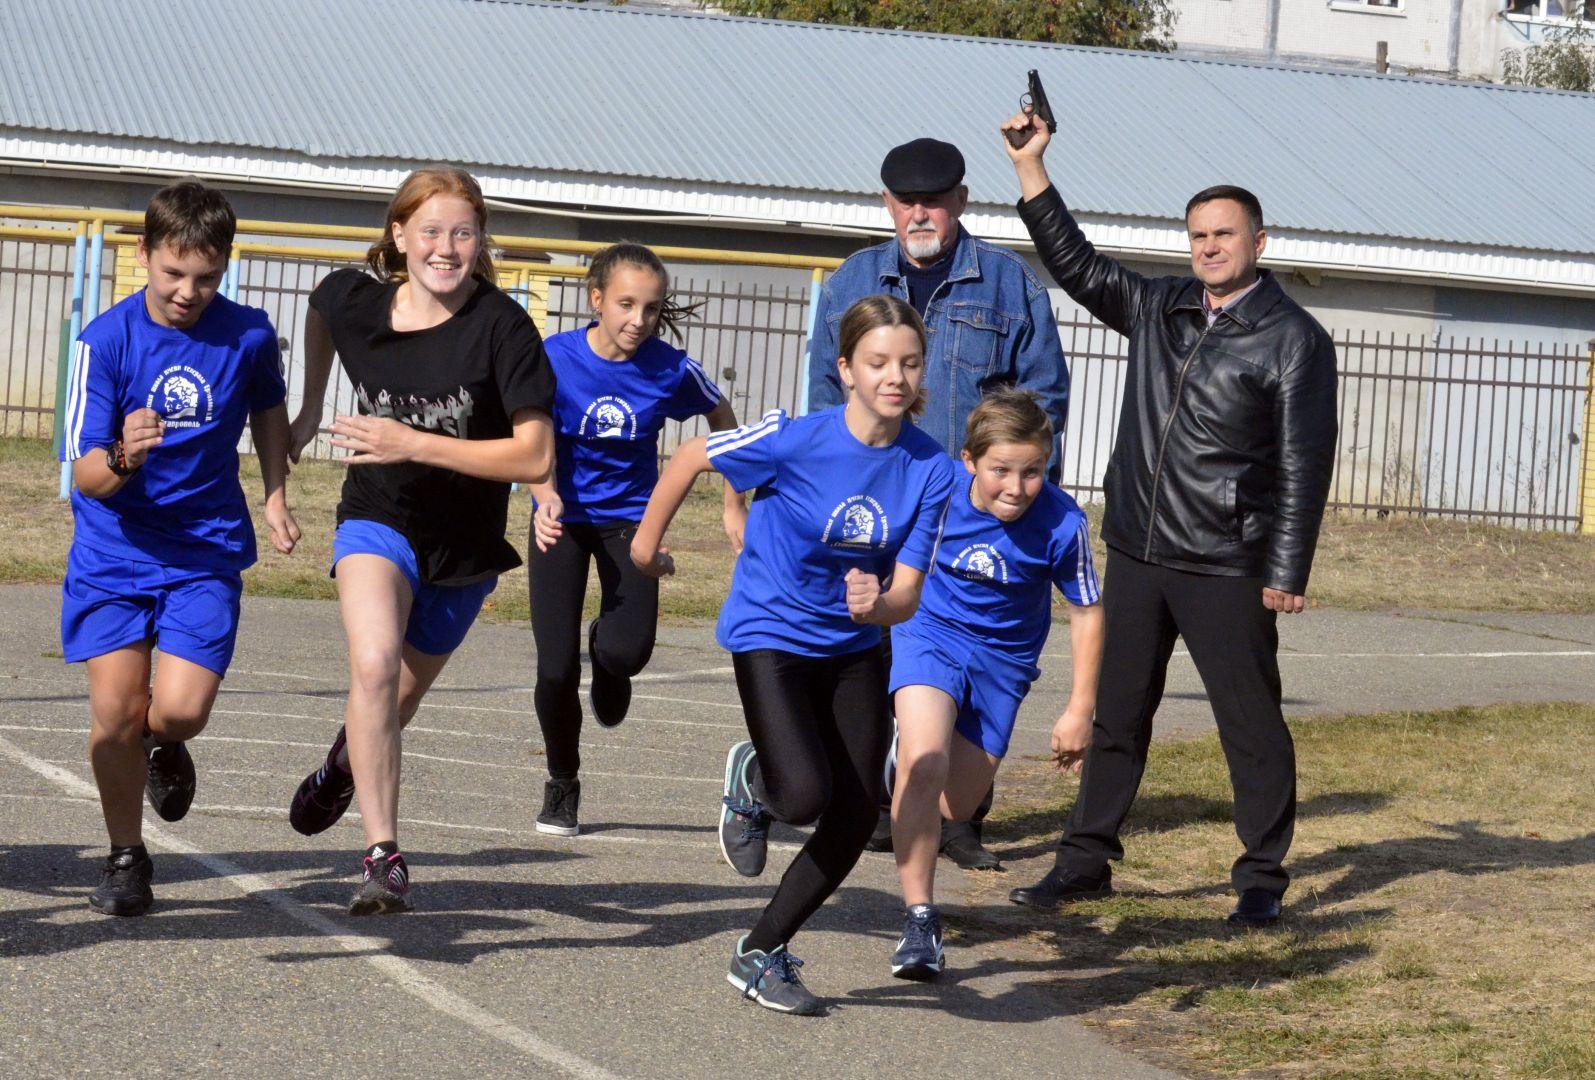 Легкоатлетическая эстафета прошла в кадетской школе Ставрополя